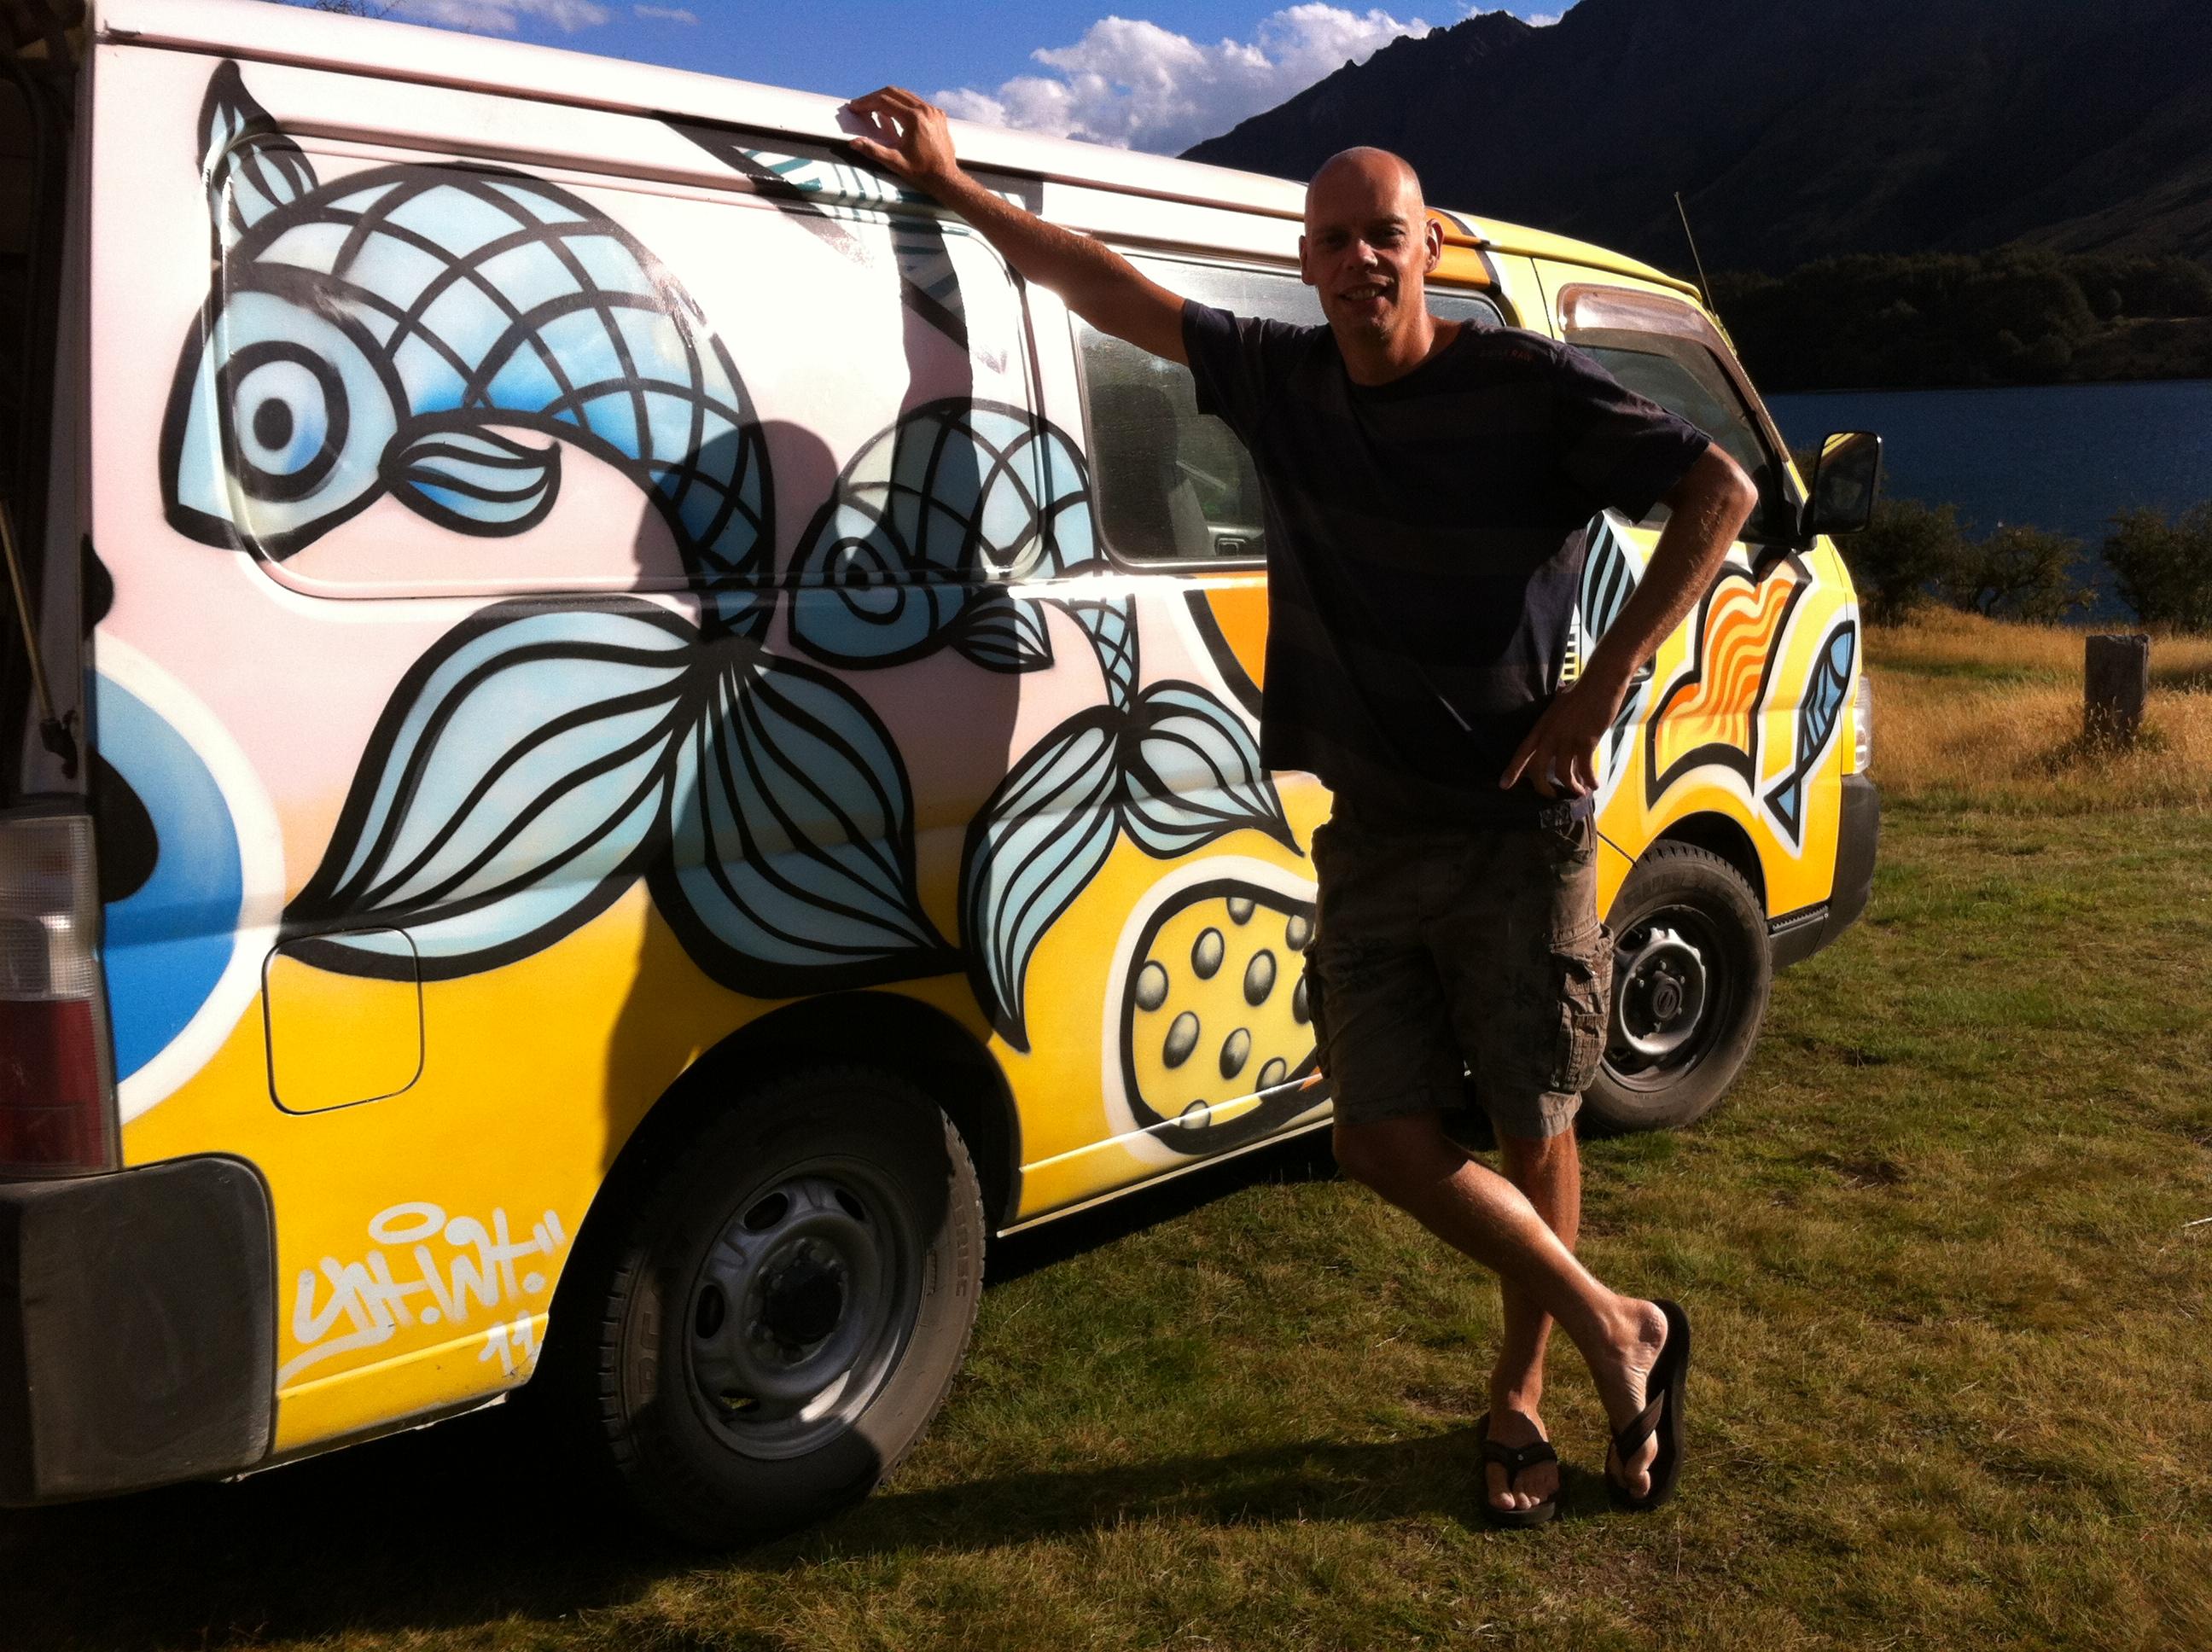 Yvonderweg - Hoe en wat in Nieuw Zeeland - Tom en onze Escape campervan